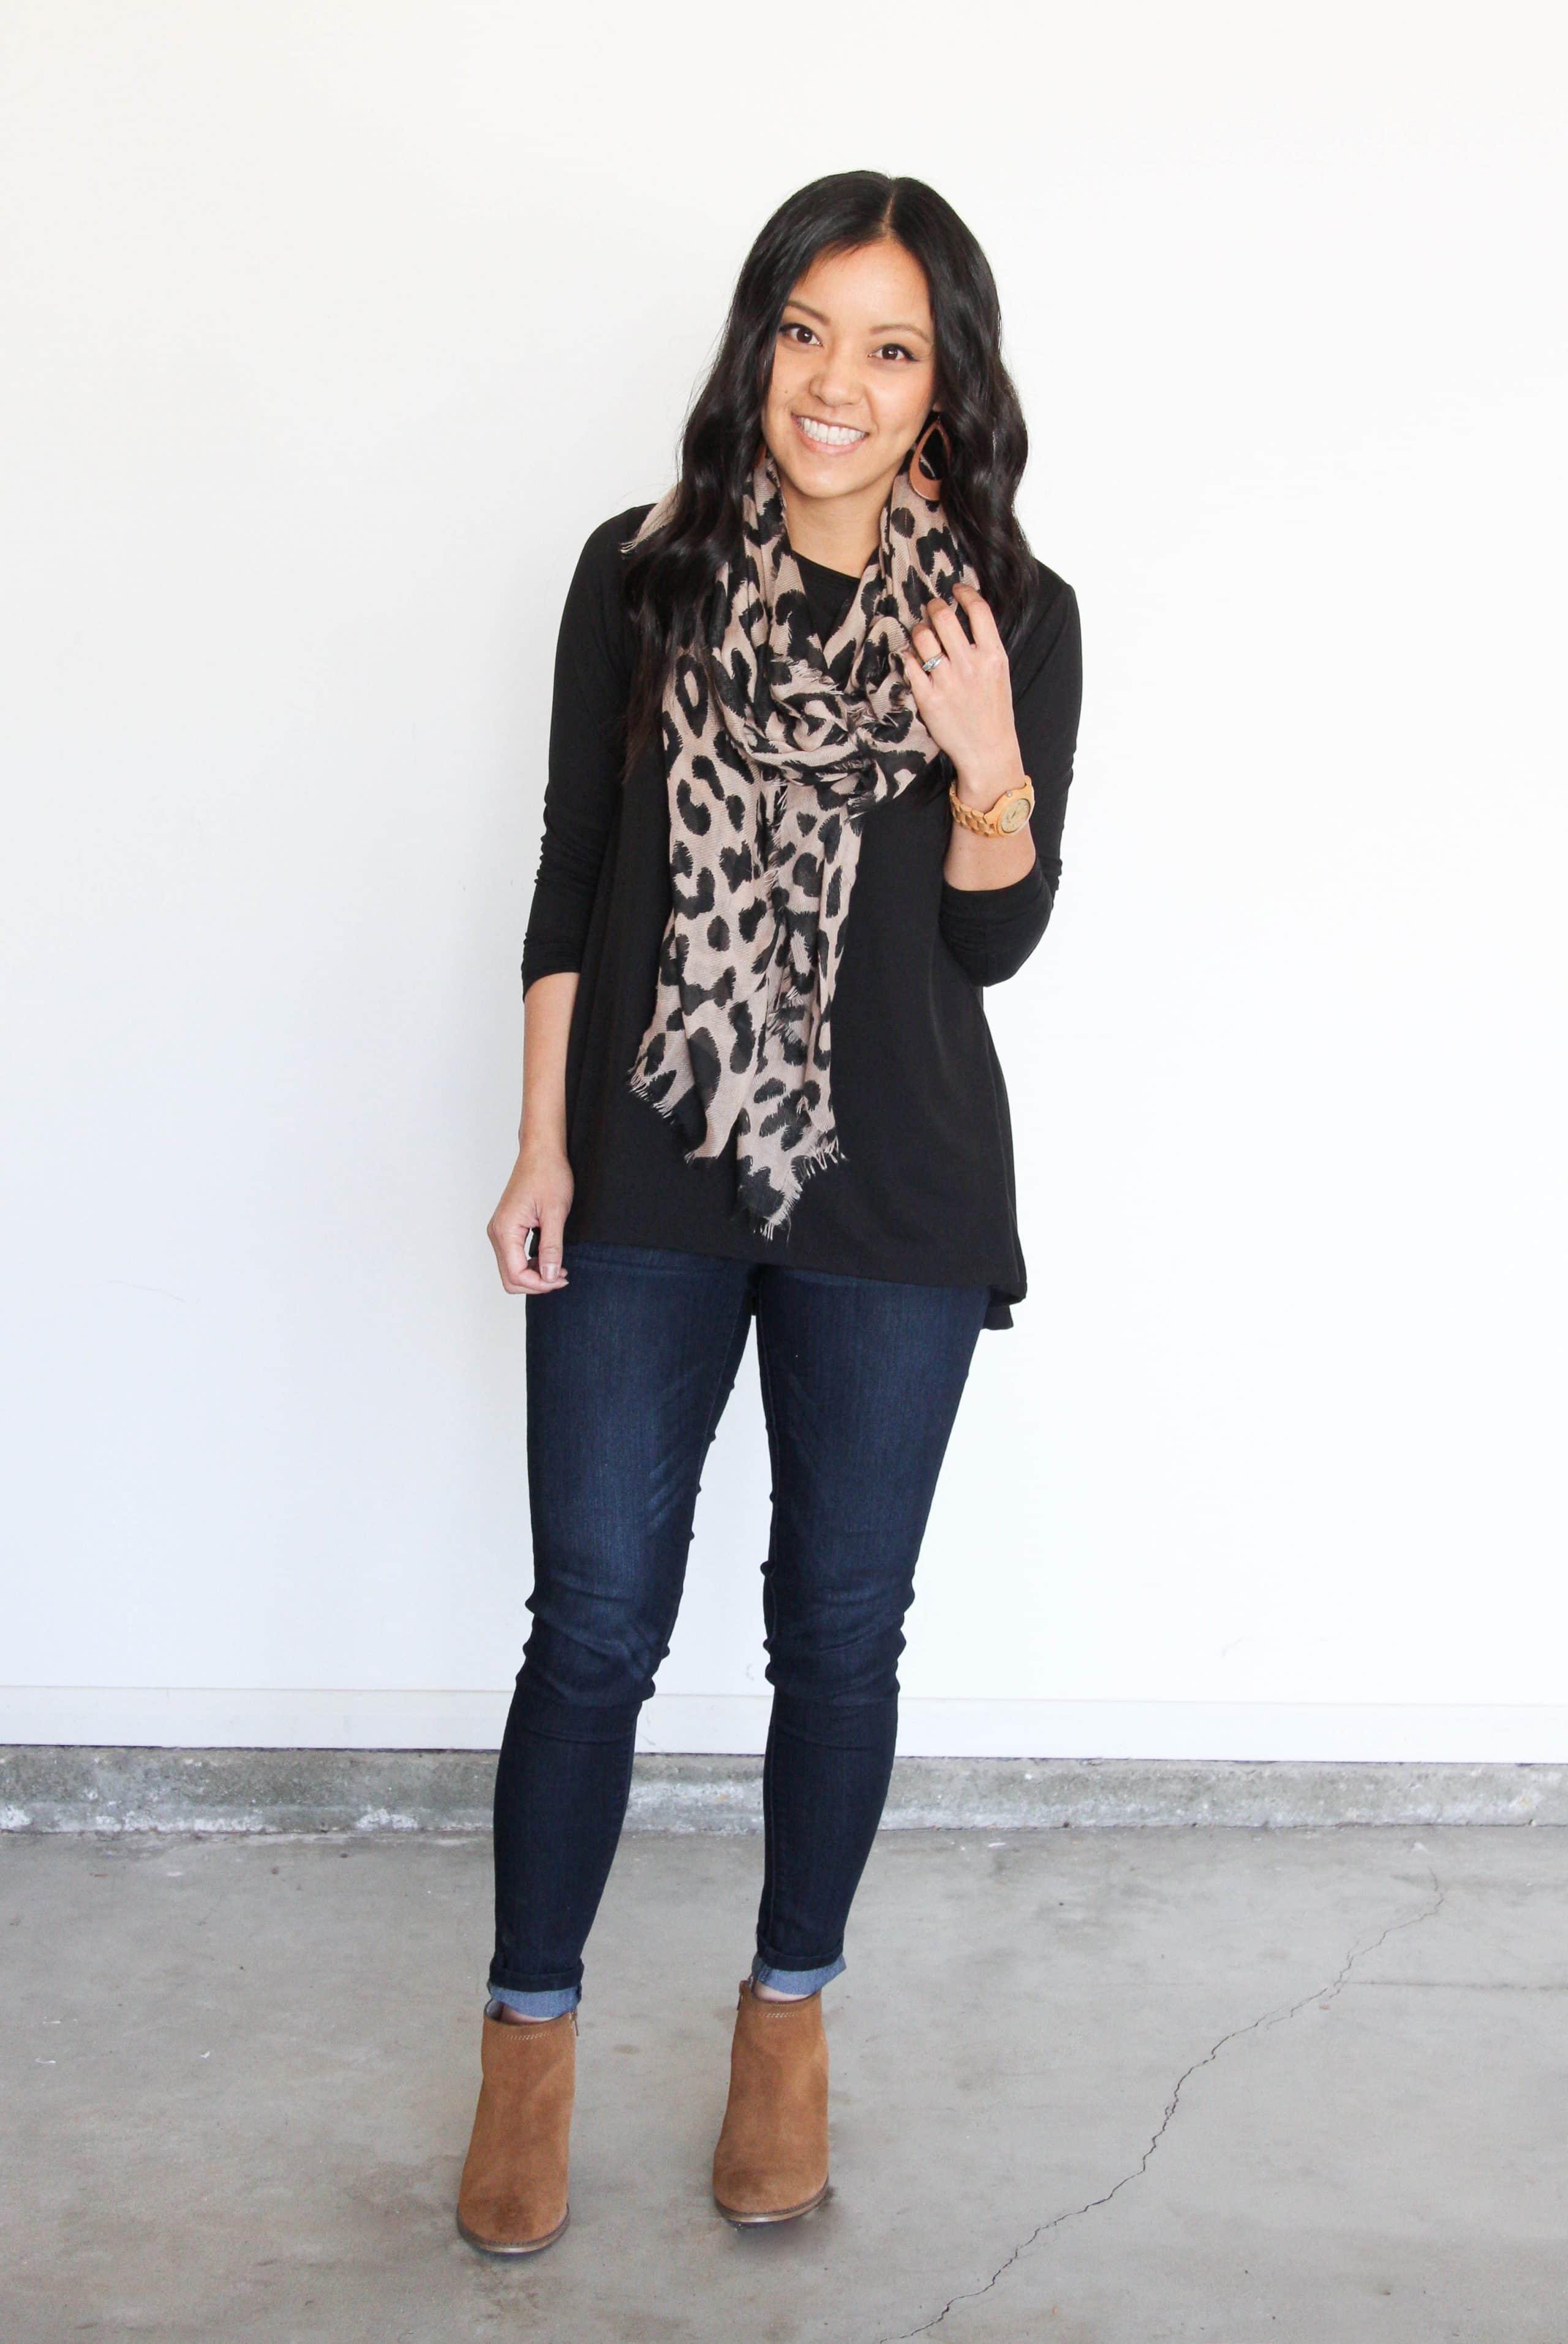 Black Top + Leopard Scarf + Cognac Boots + Jeans